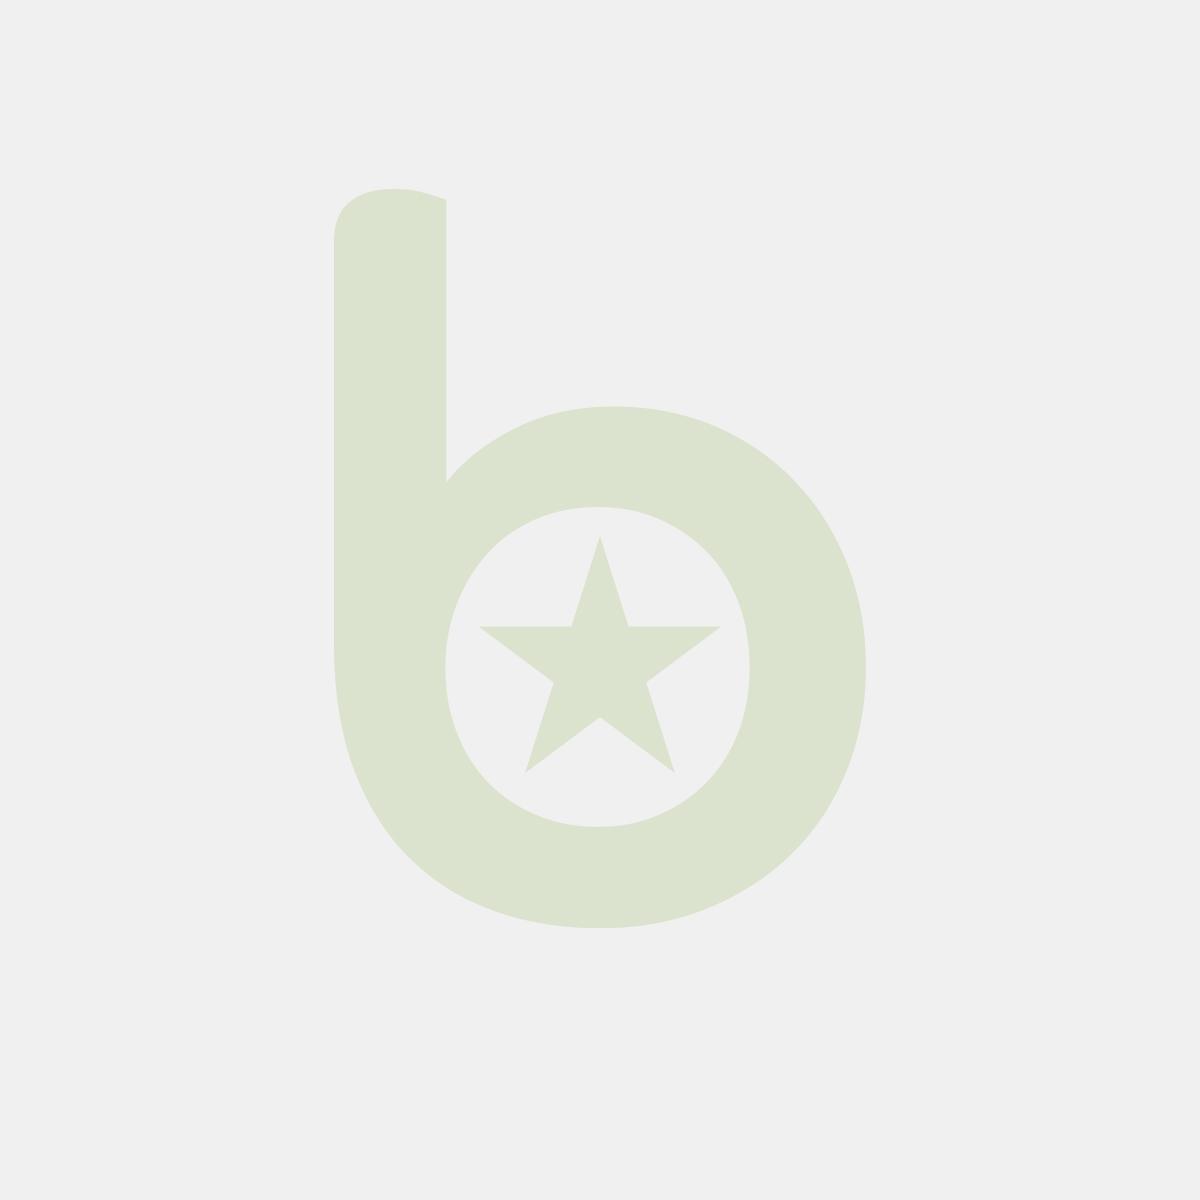 Szafy mroźnicze serii BUDGET LINE z obudową ze stali malowanej